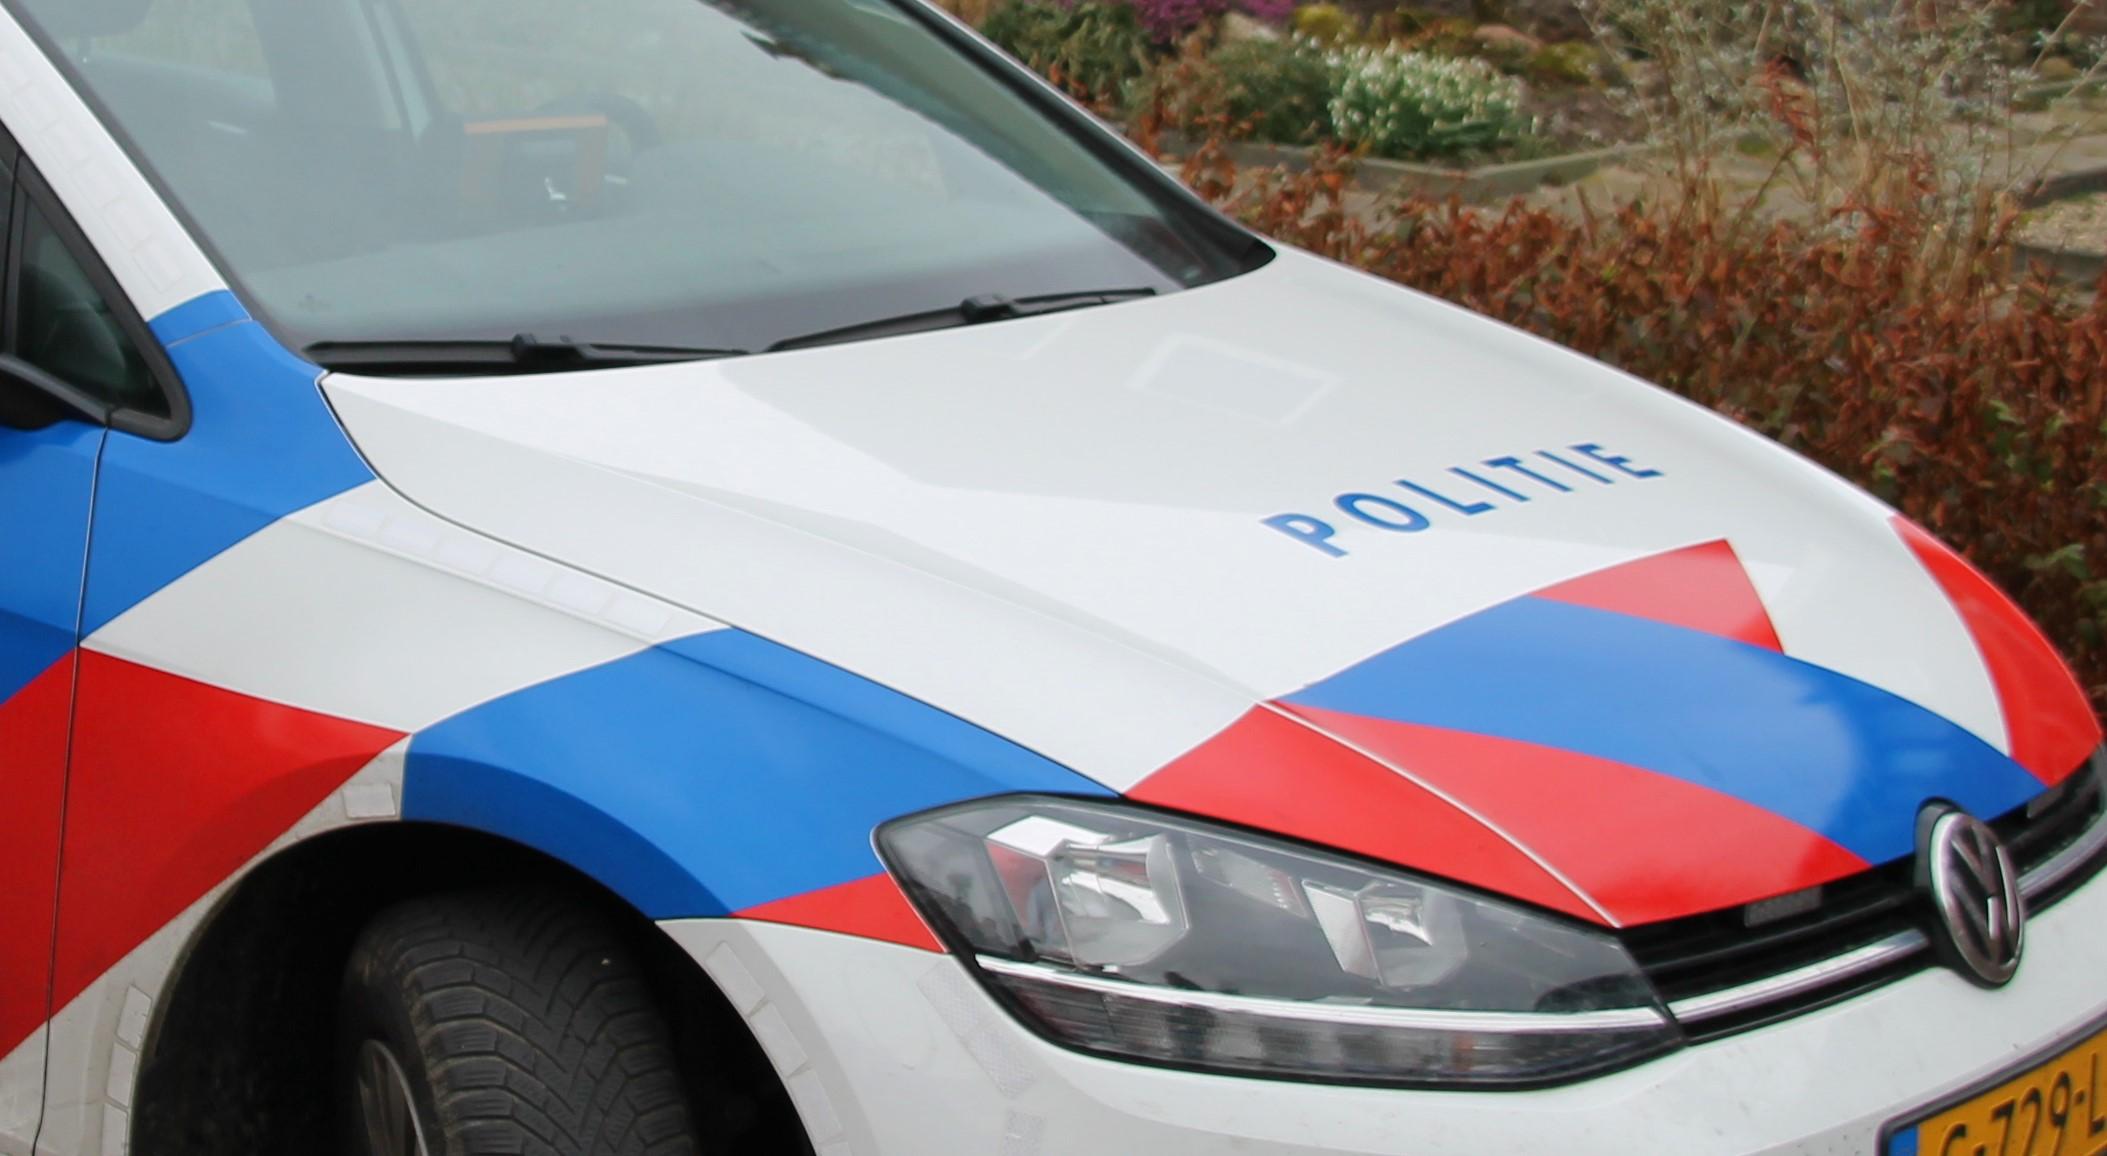 Politieauto met nieuwe striping